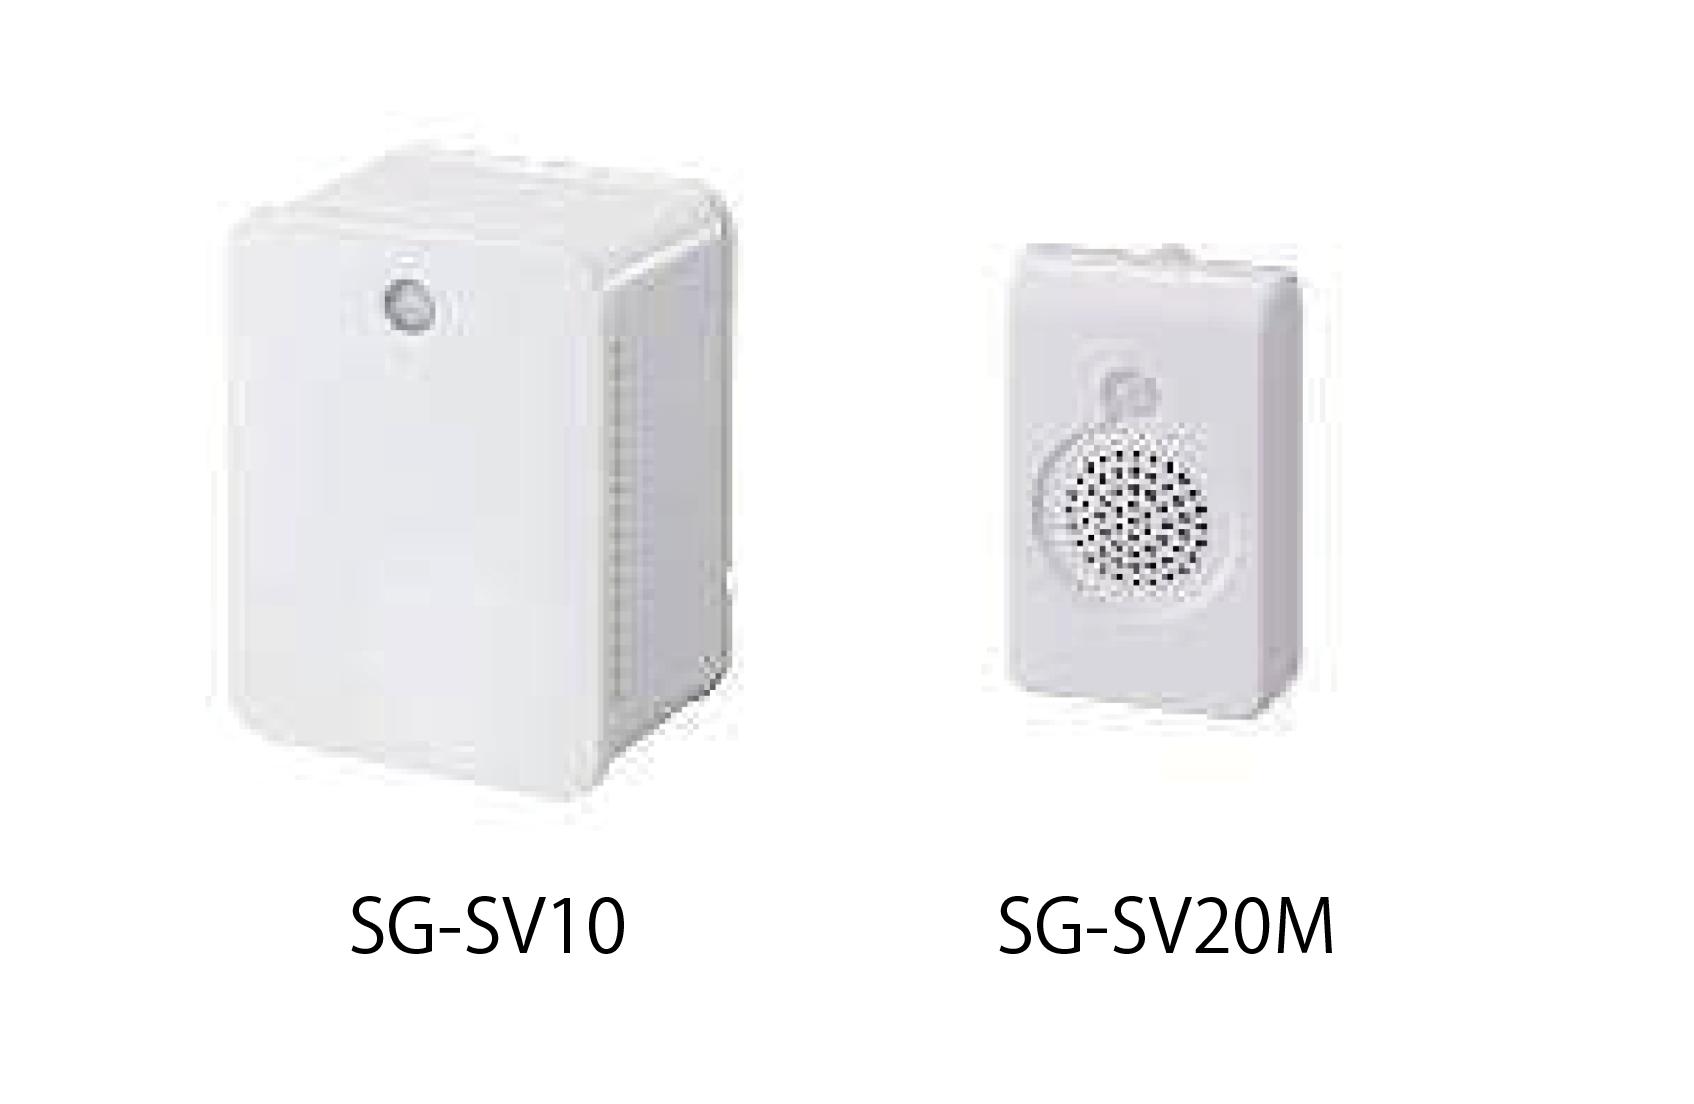 【マックス】人感知センサーが人の接近を感知し、音声を再生『センサー付音声案内機 SG-SV10・SG-SV20M』の画像